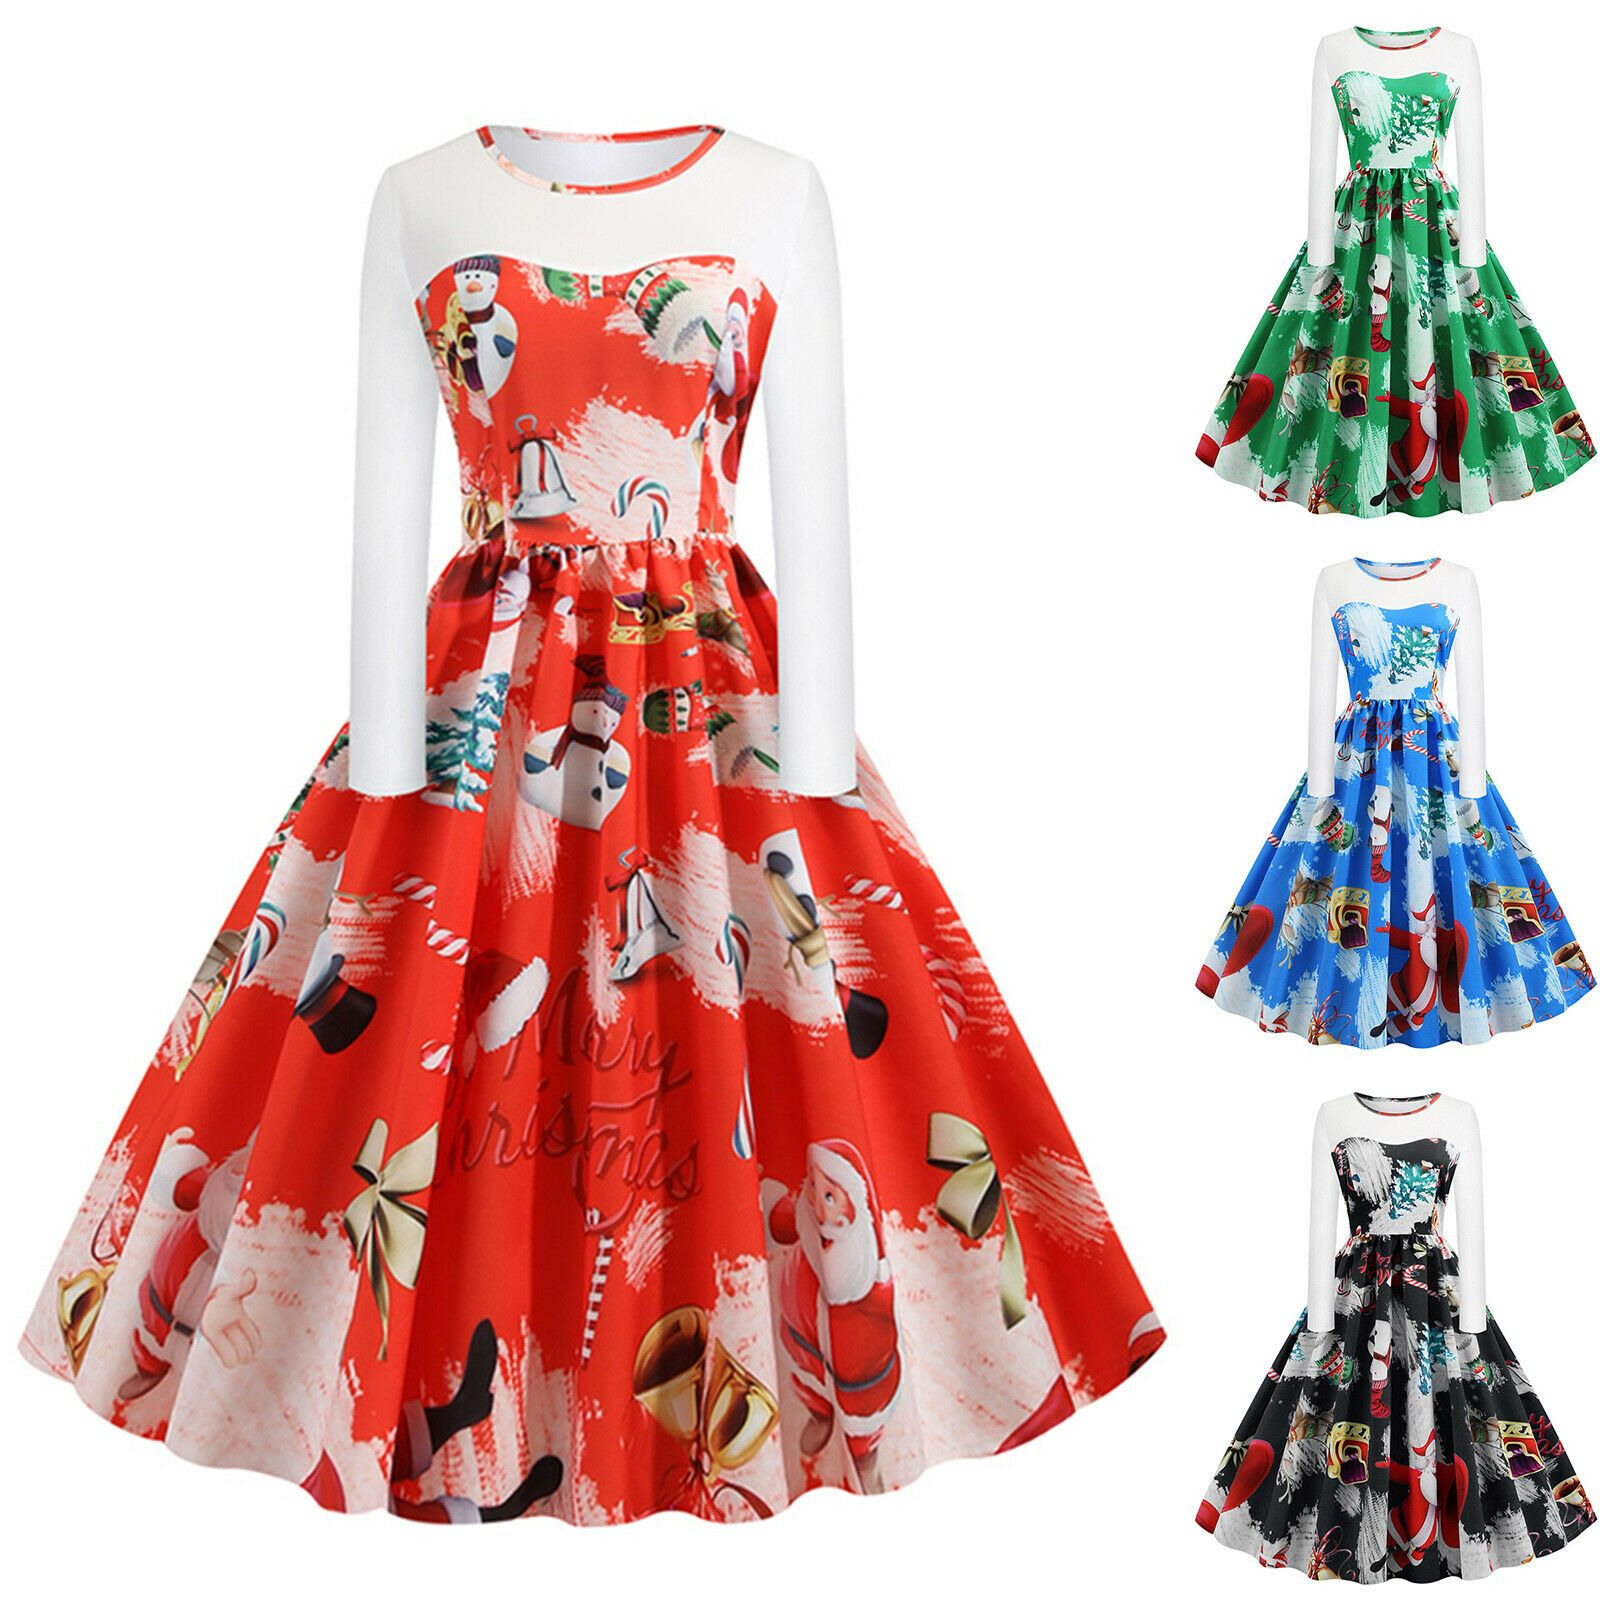 einfach abend petticoat kleid bester preis - abendkleid